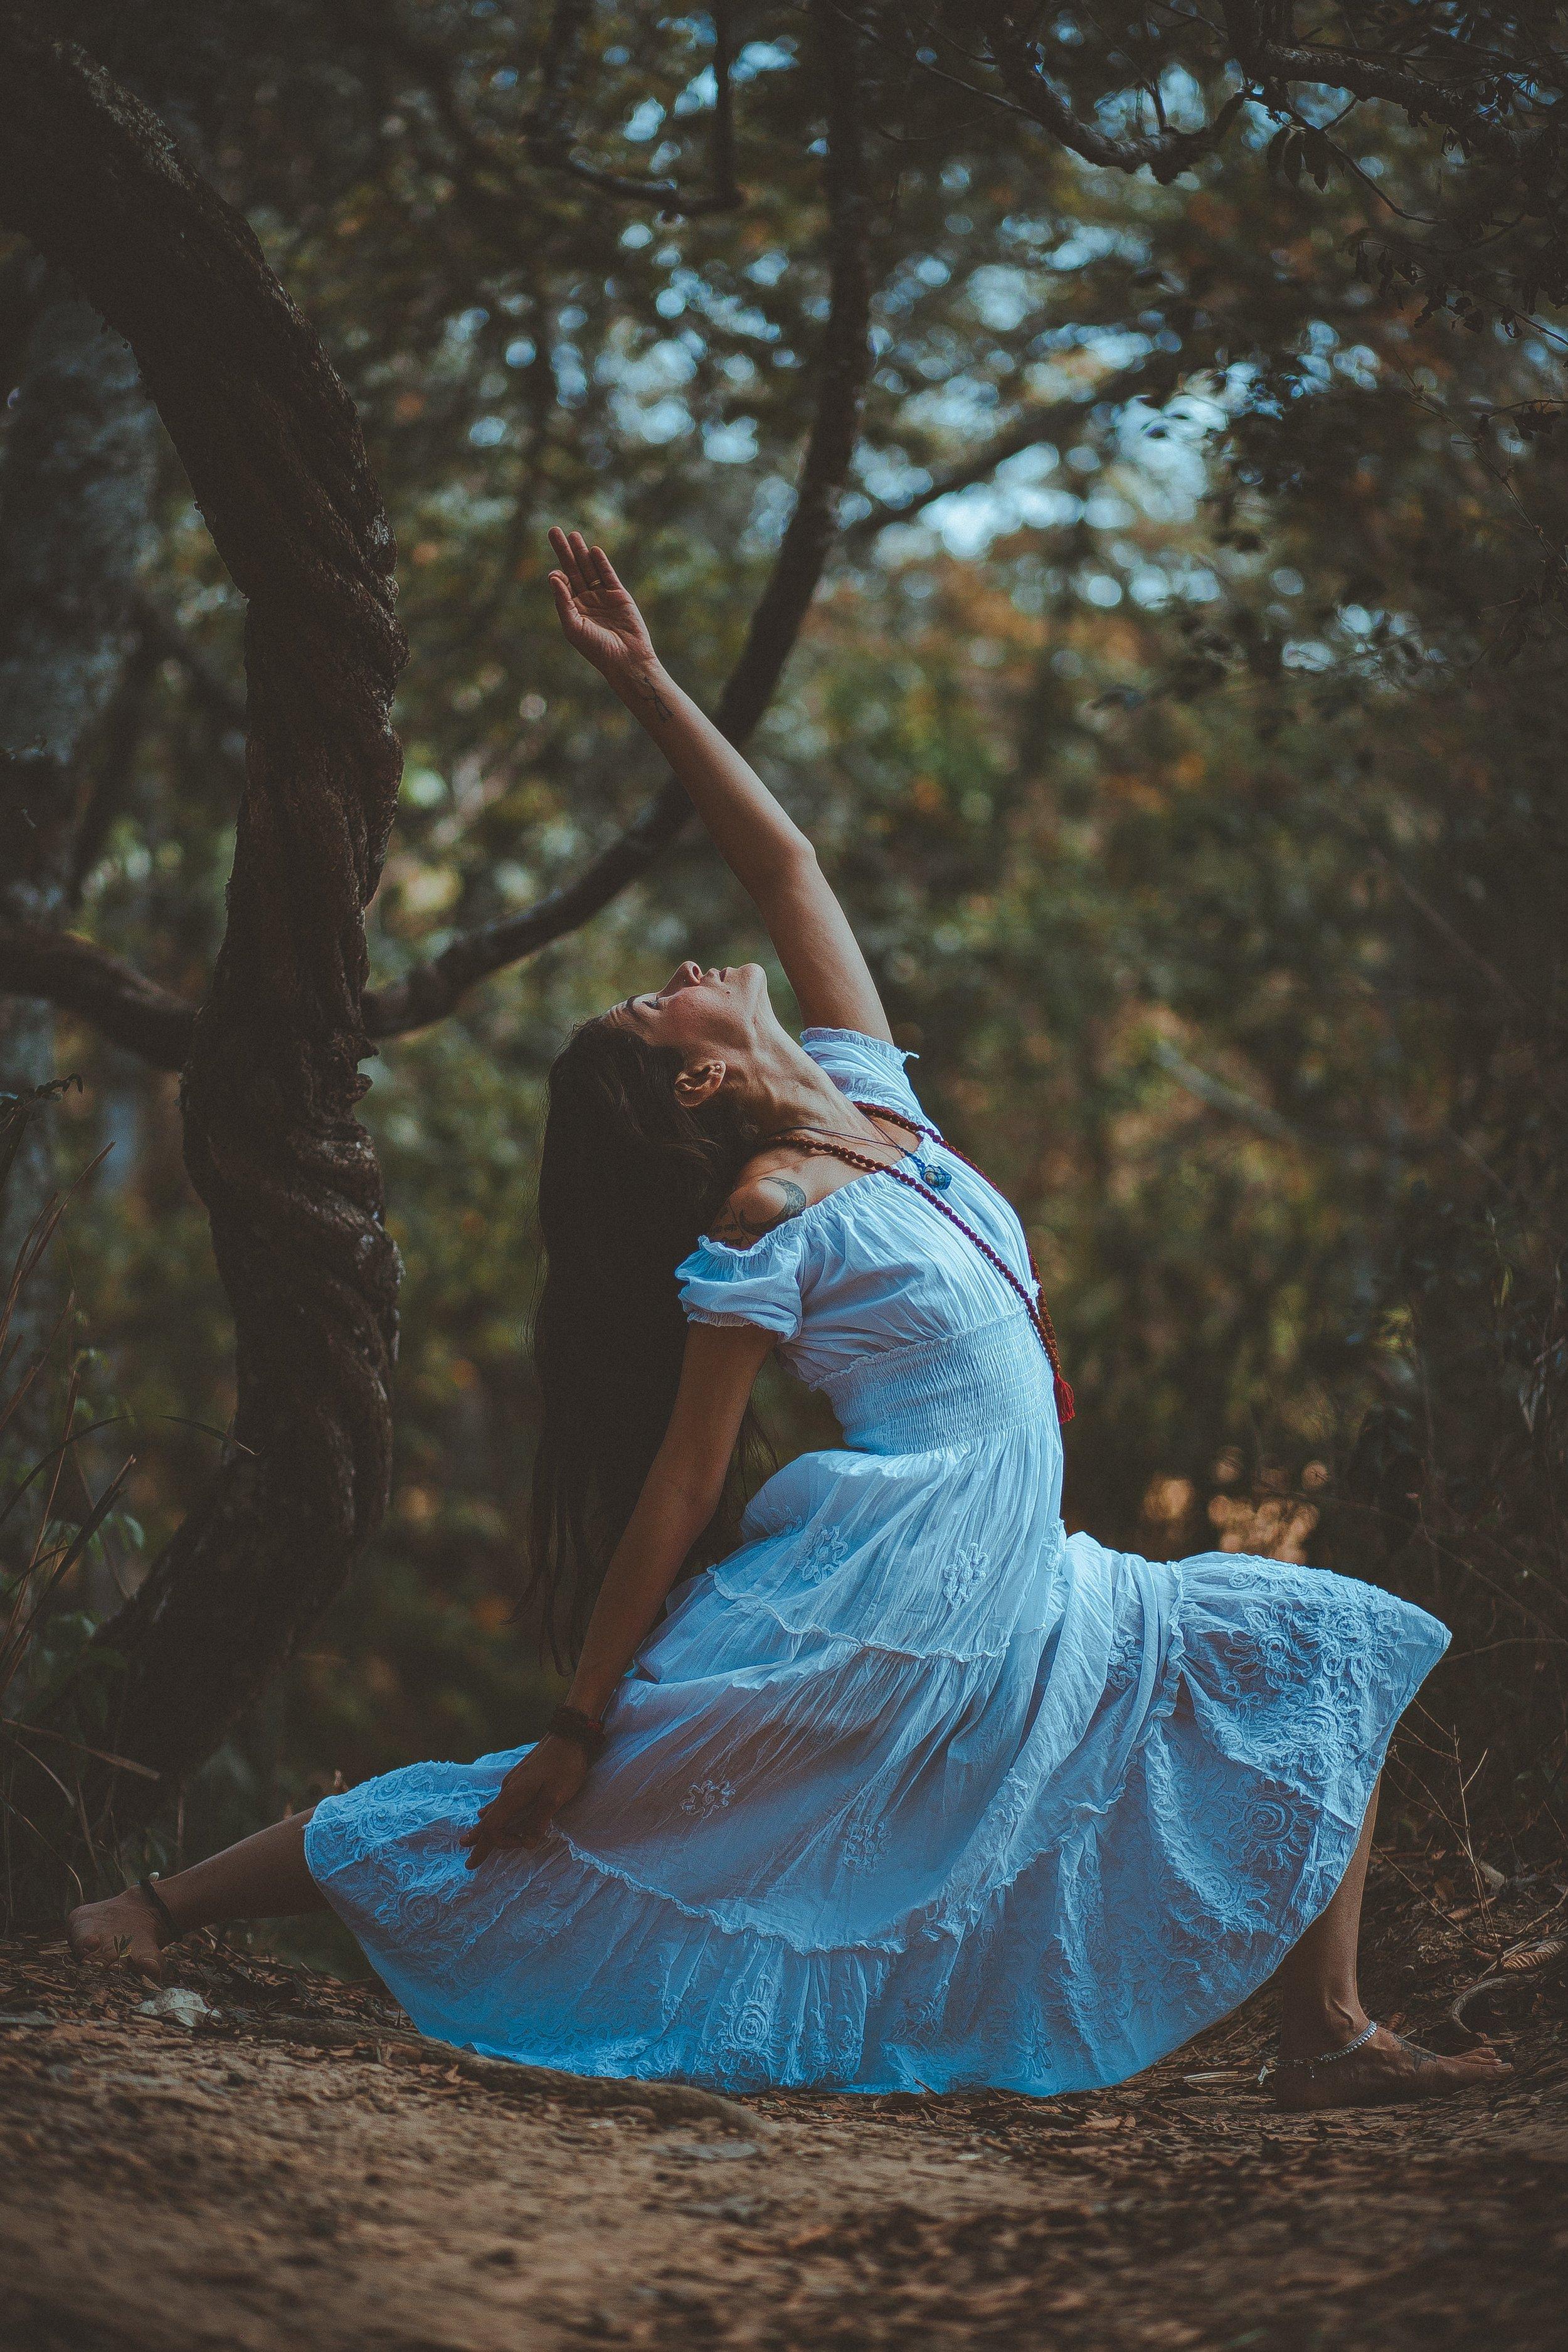 barefoot-daylight-dress-2035103.jpg